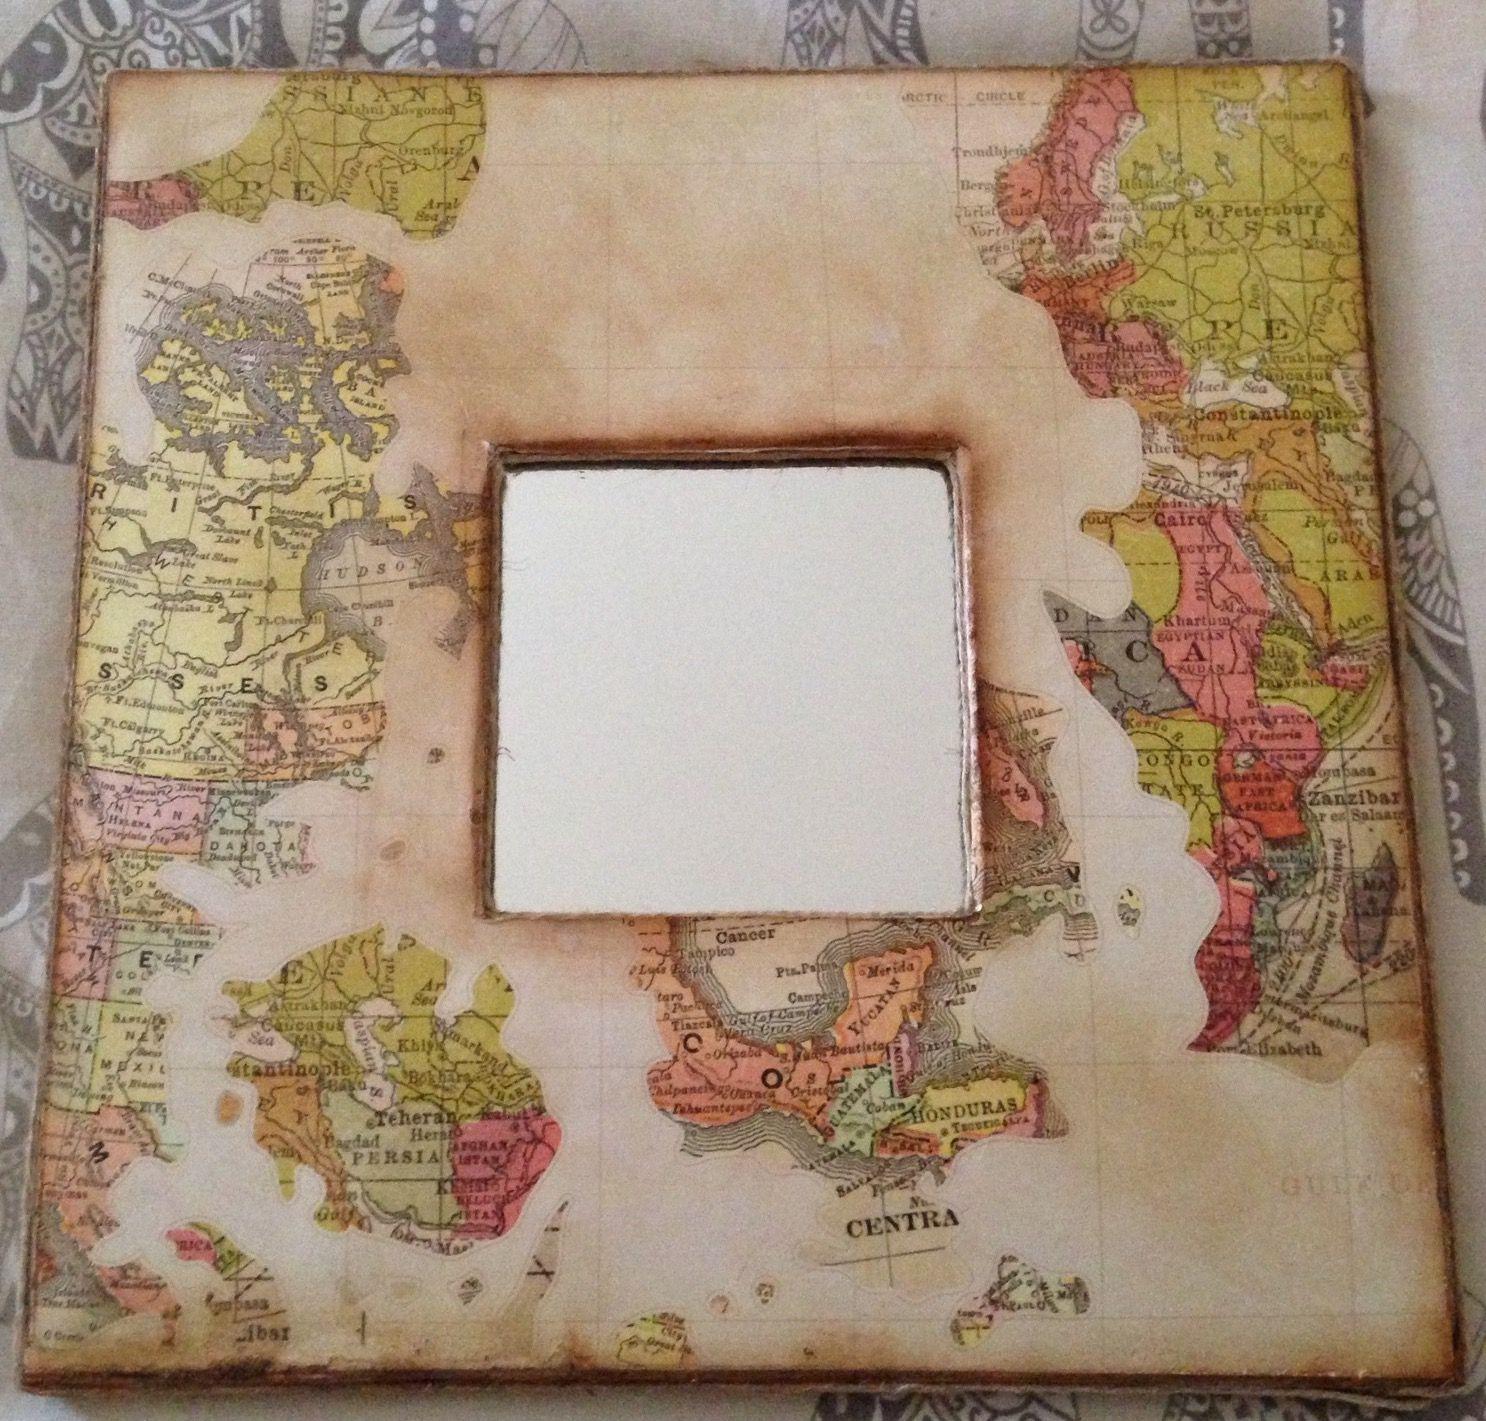 Espejo con marco de madera decorado con papel de scrap con motivos ...